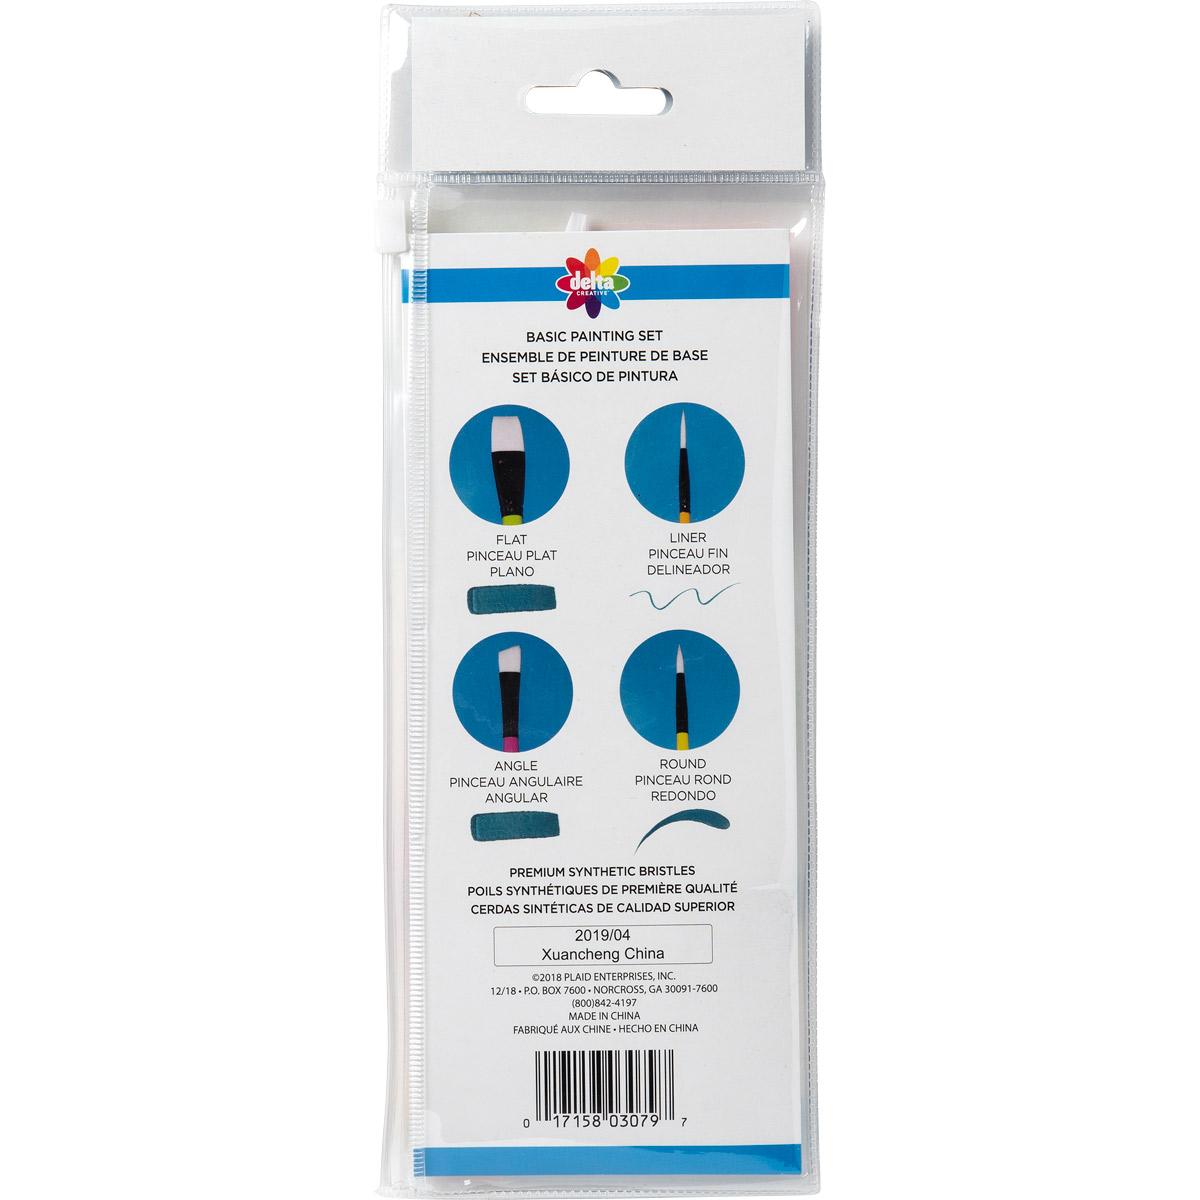 Delta Ceramcoat ® Brush Sets - Basic Painting Set, 10 pc.